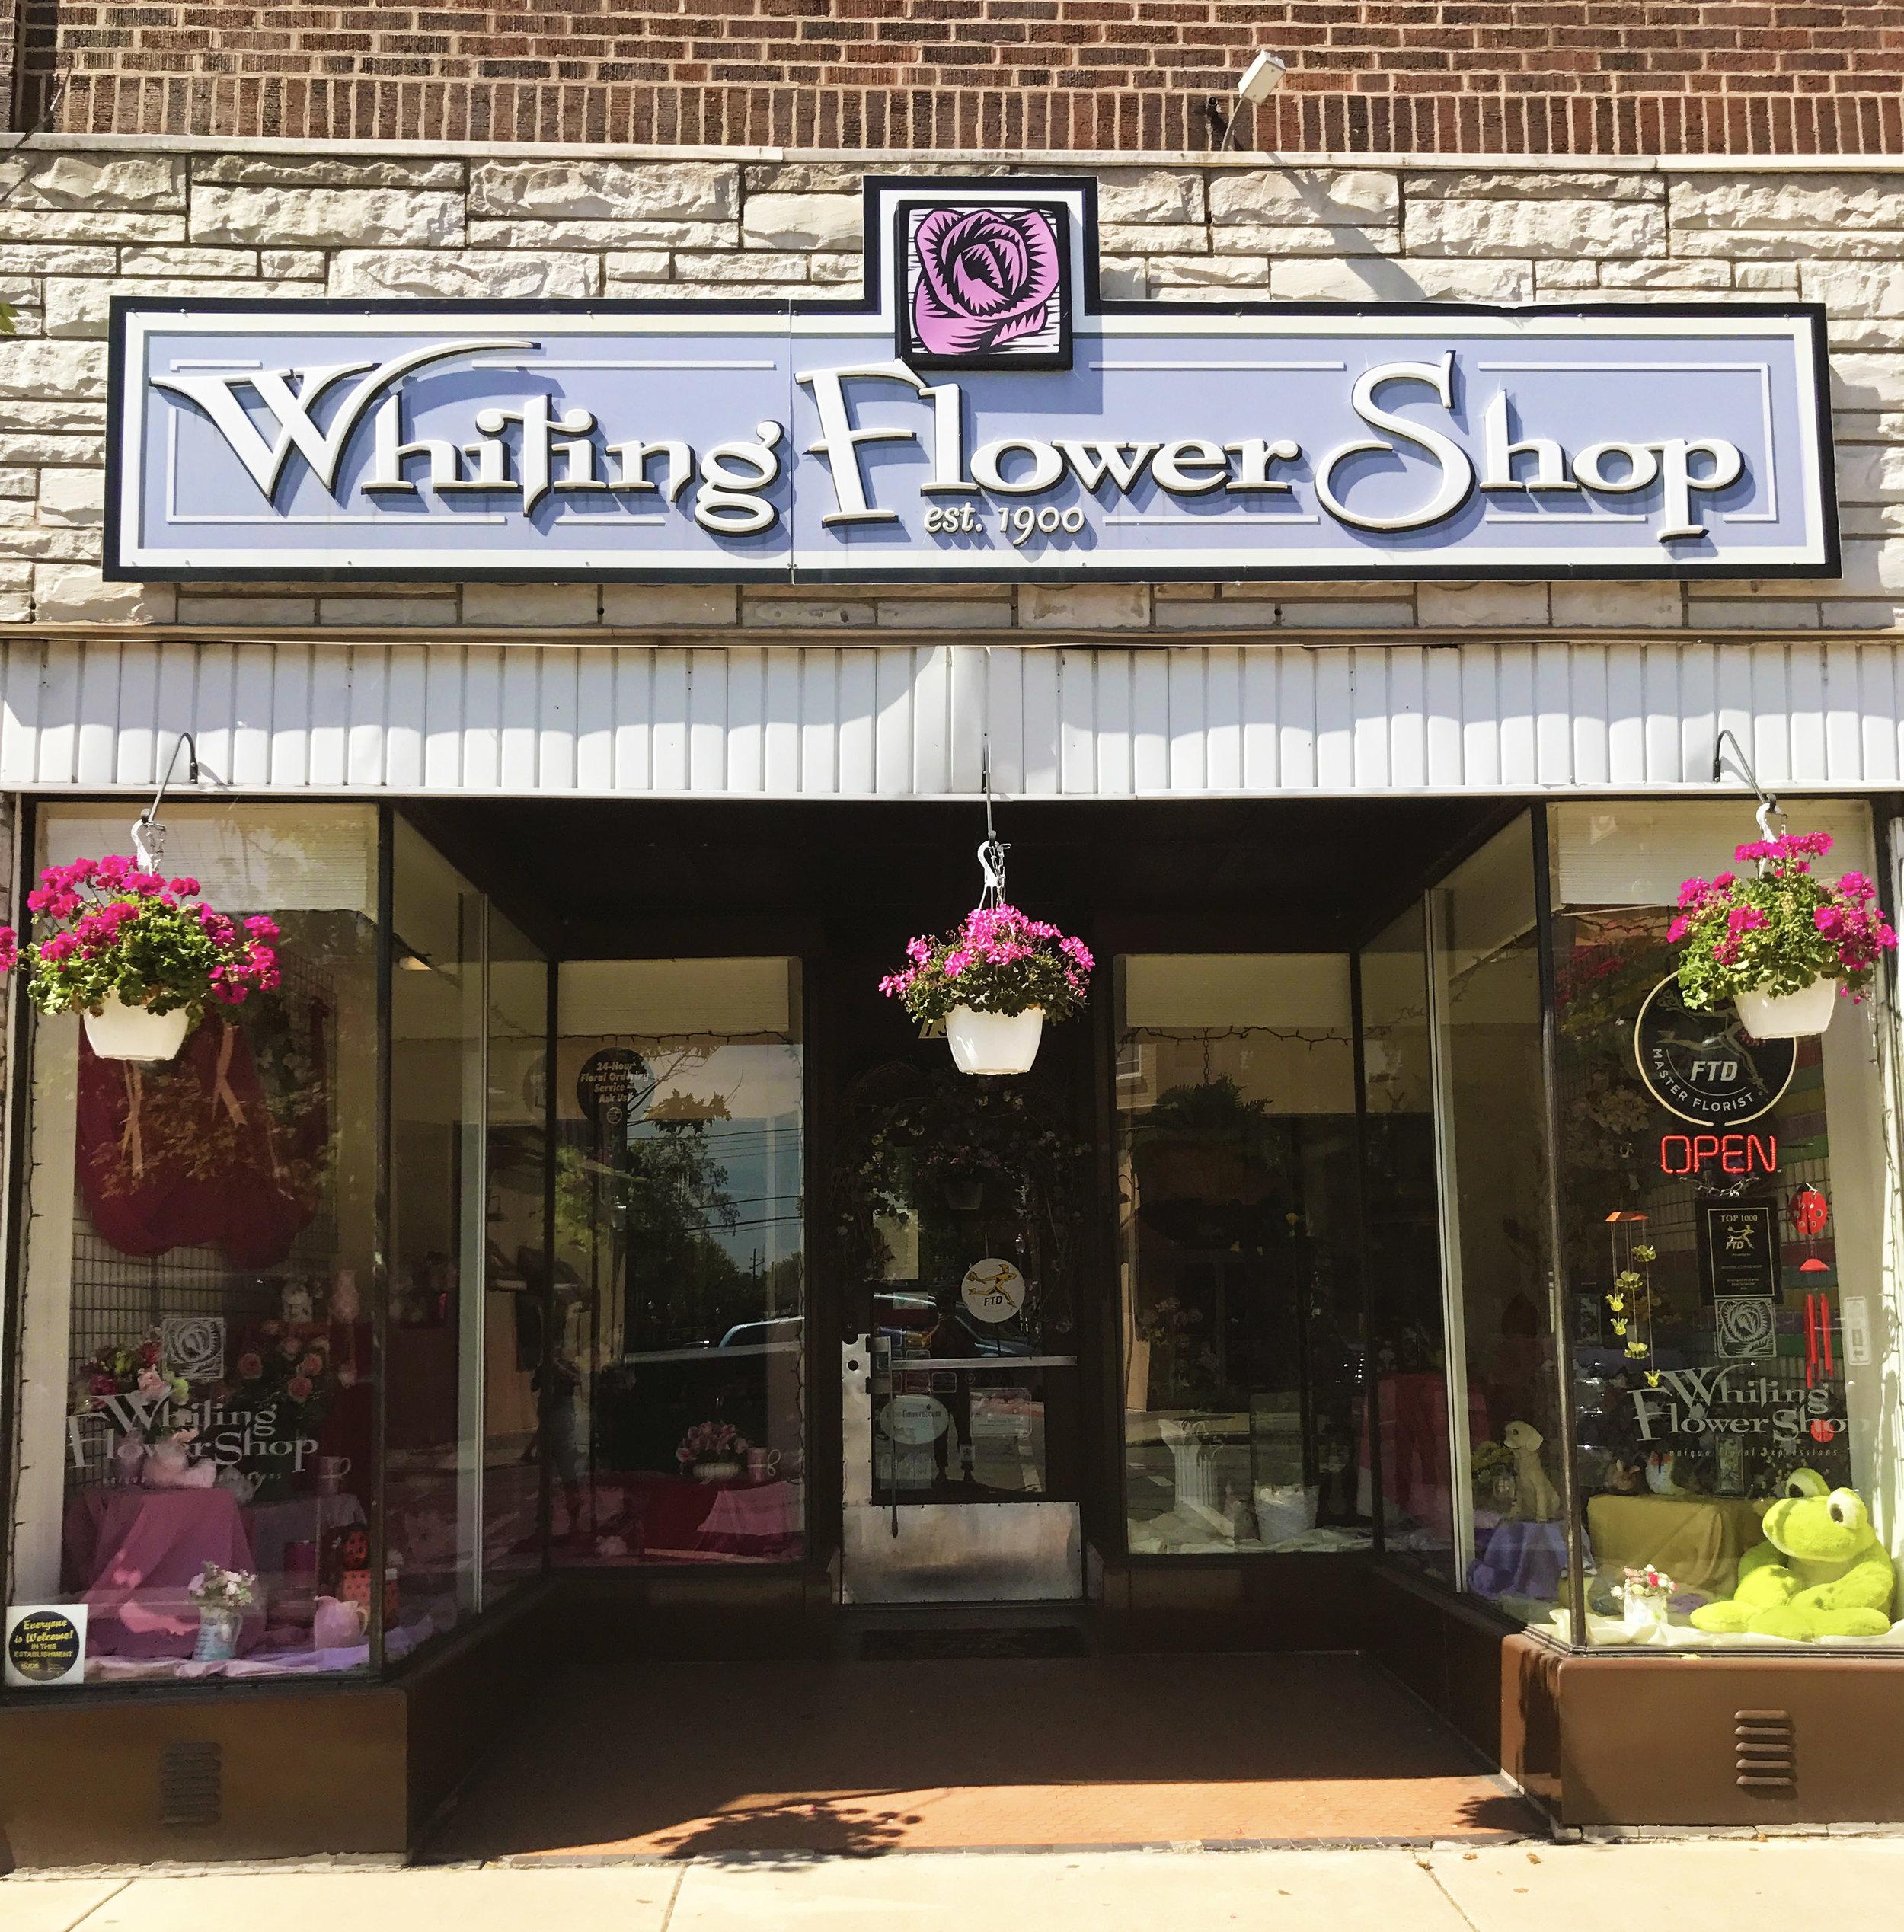 whiting-flower-shop.jpg